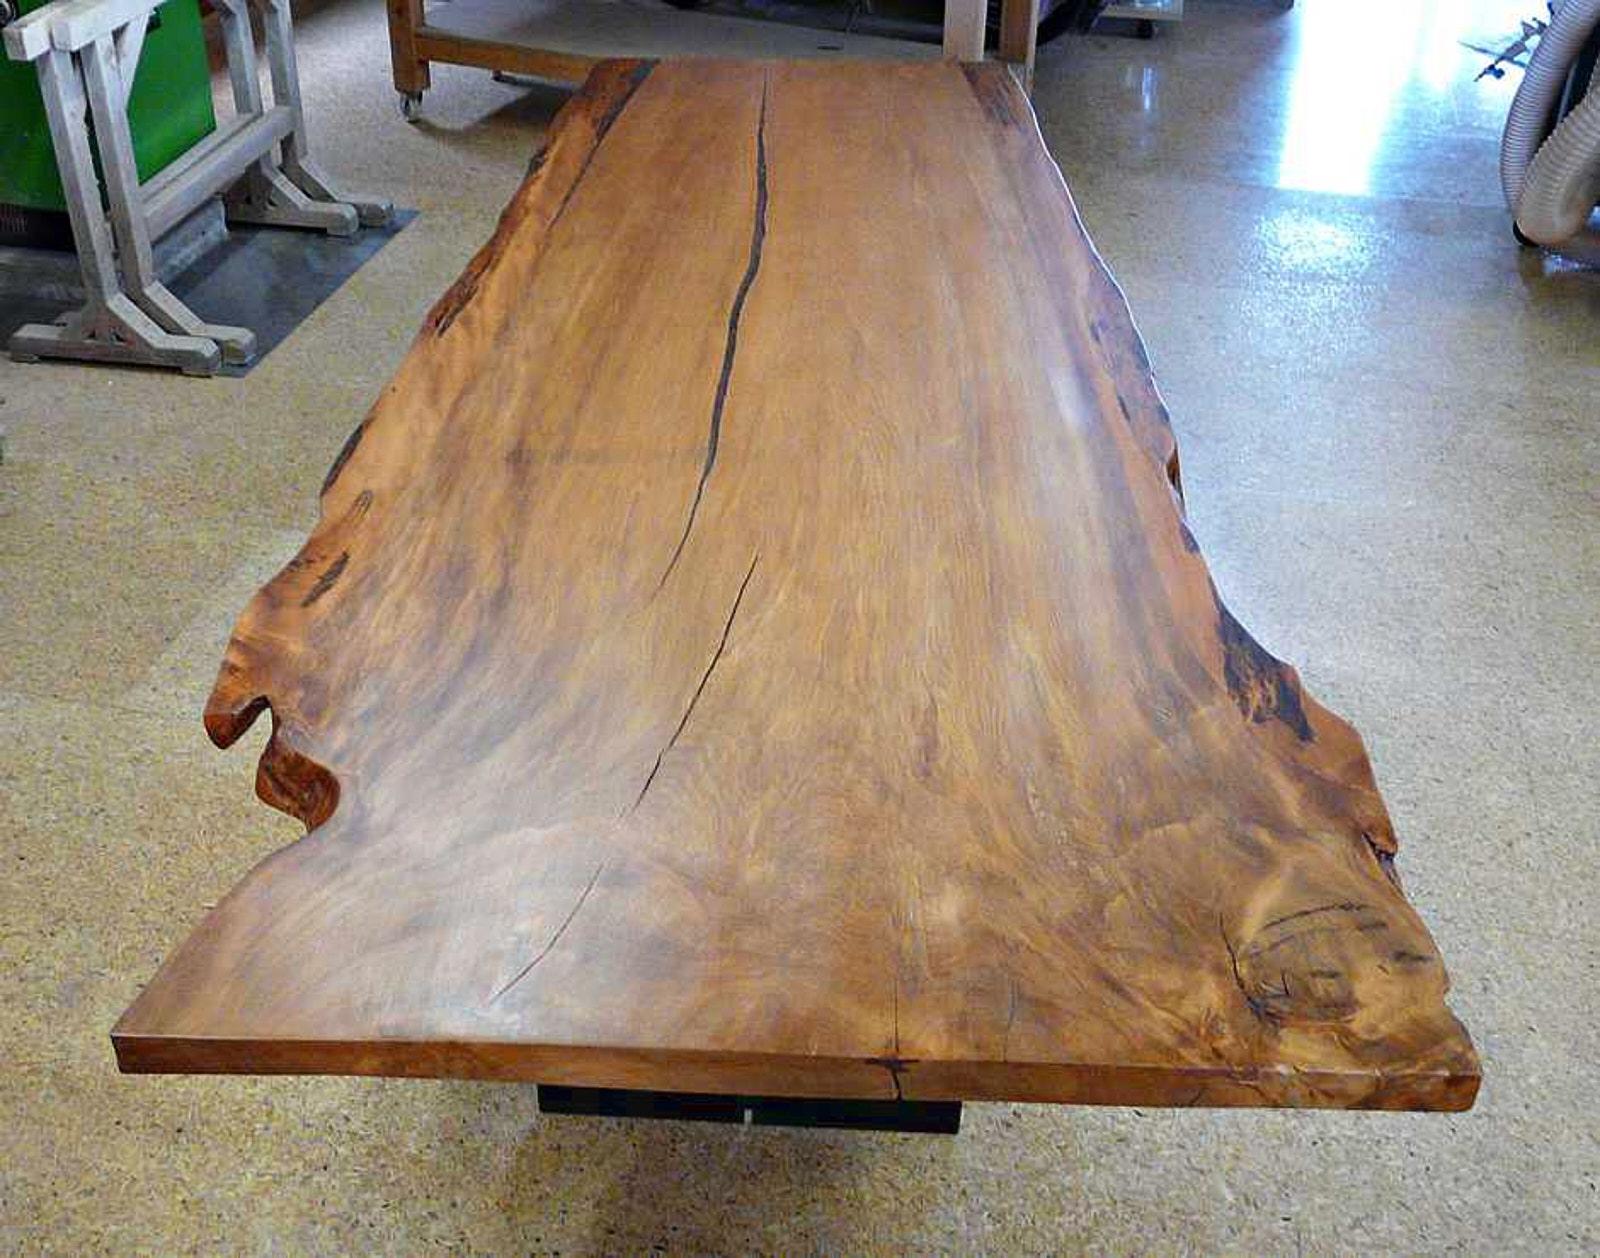 Große Holztischplatte mit außergewöhnlicher Naturcharakteristik aus Kauri Holz in der Werkstatt von Michael Beaupoil handangefertigt